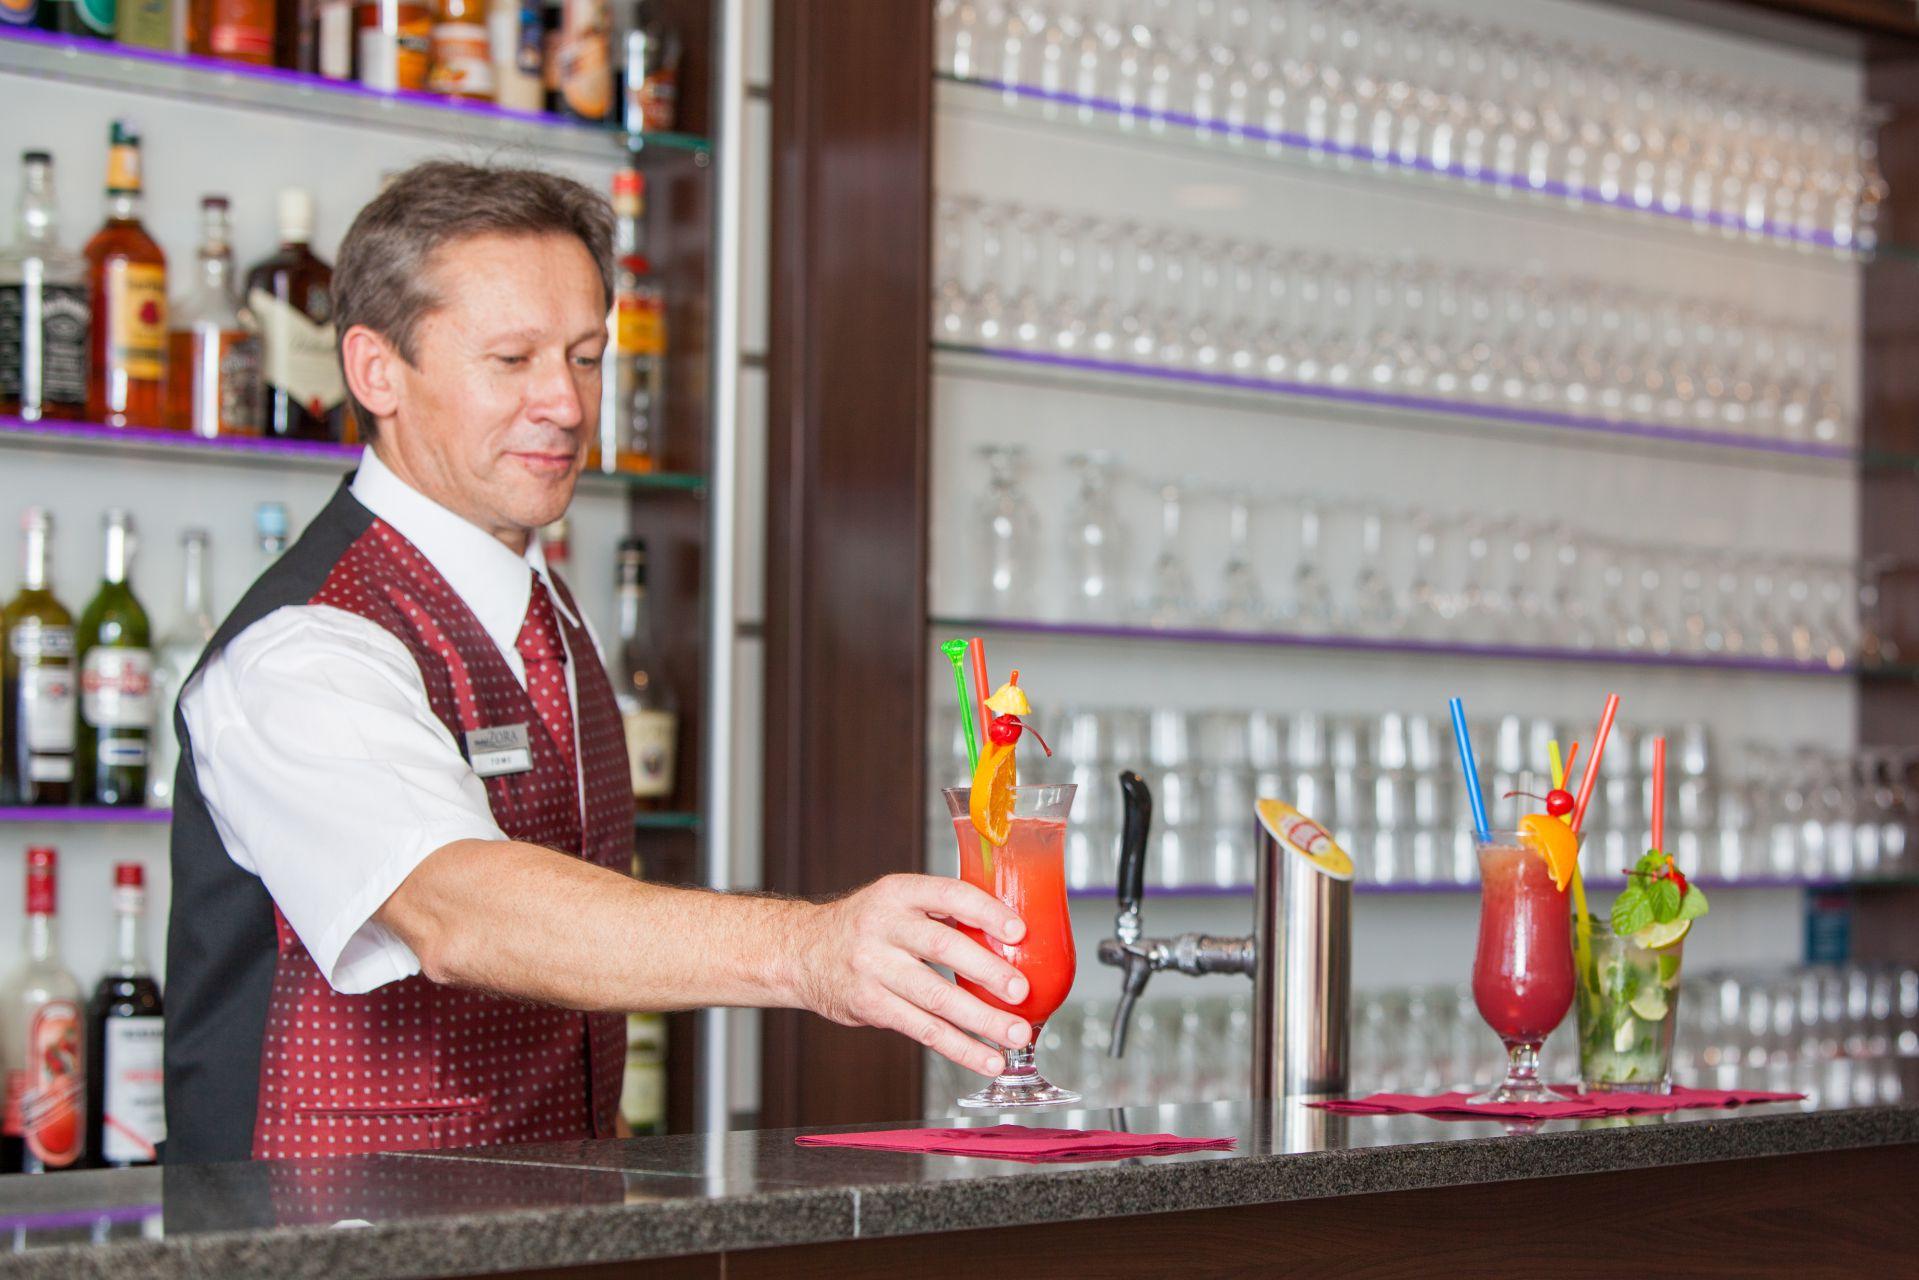 aperitif bar 15 14825335412 o - Zora Hotel